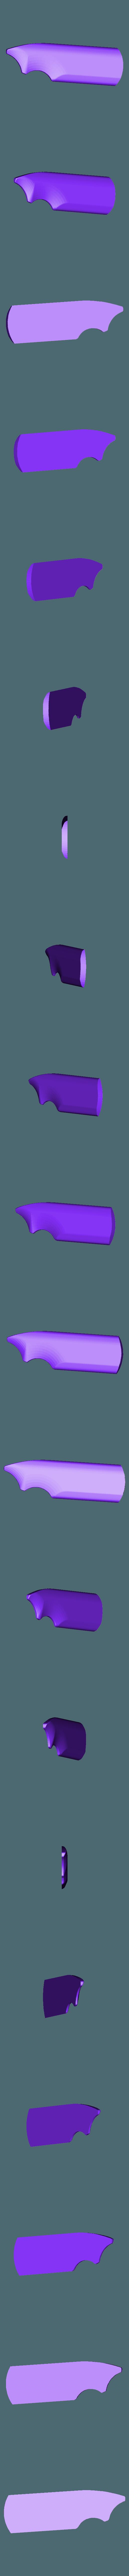 Handle_Blank.stl Télécharger fichier STL gratuit Skinner 1 • Plan à imprimer en 3D, Theshort